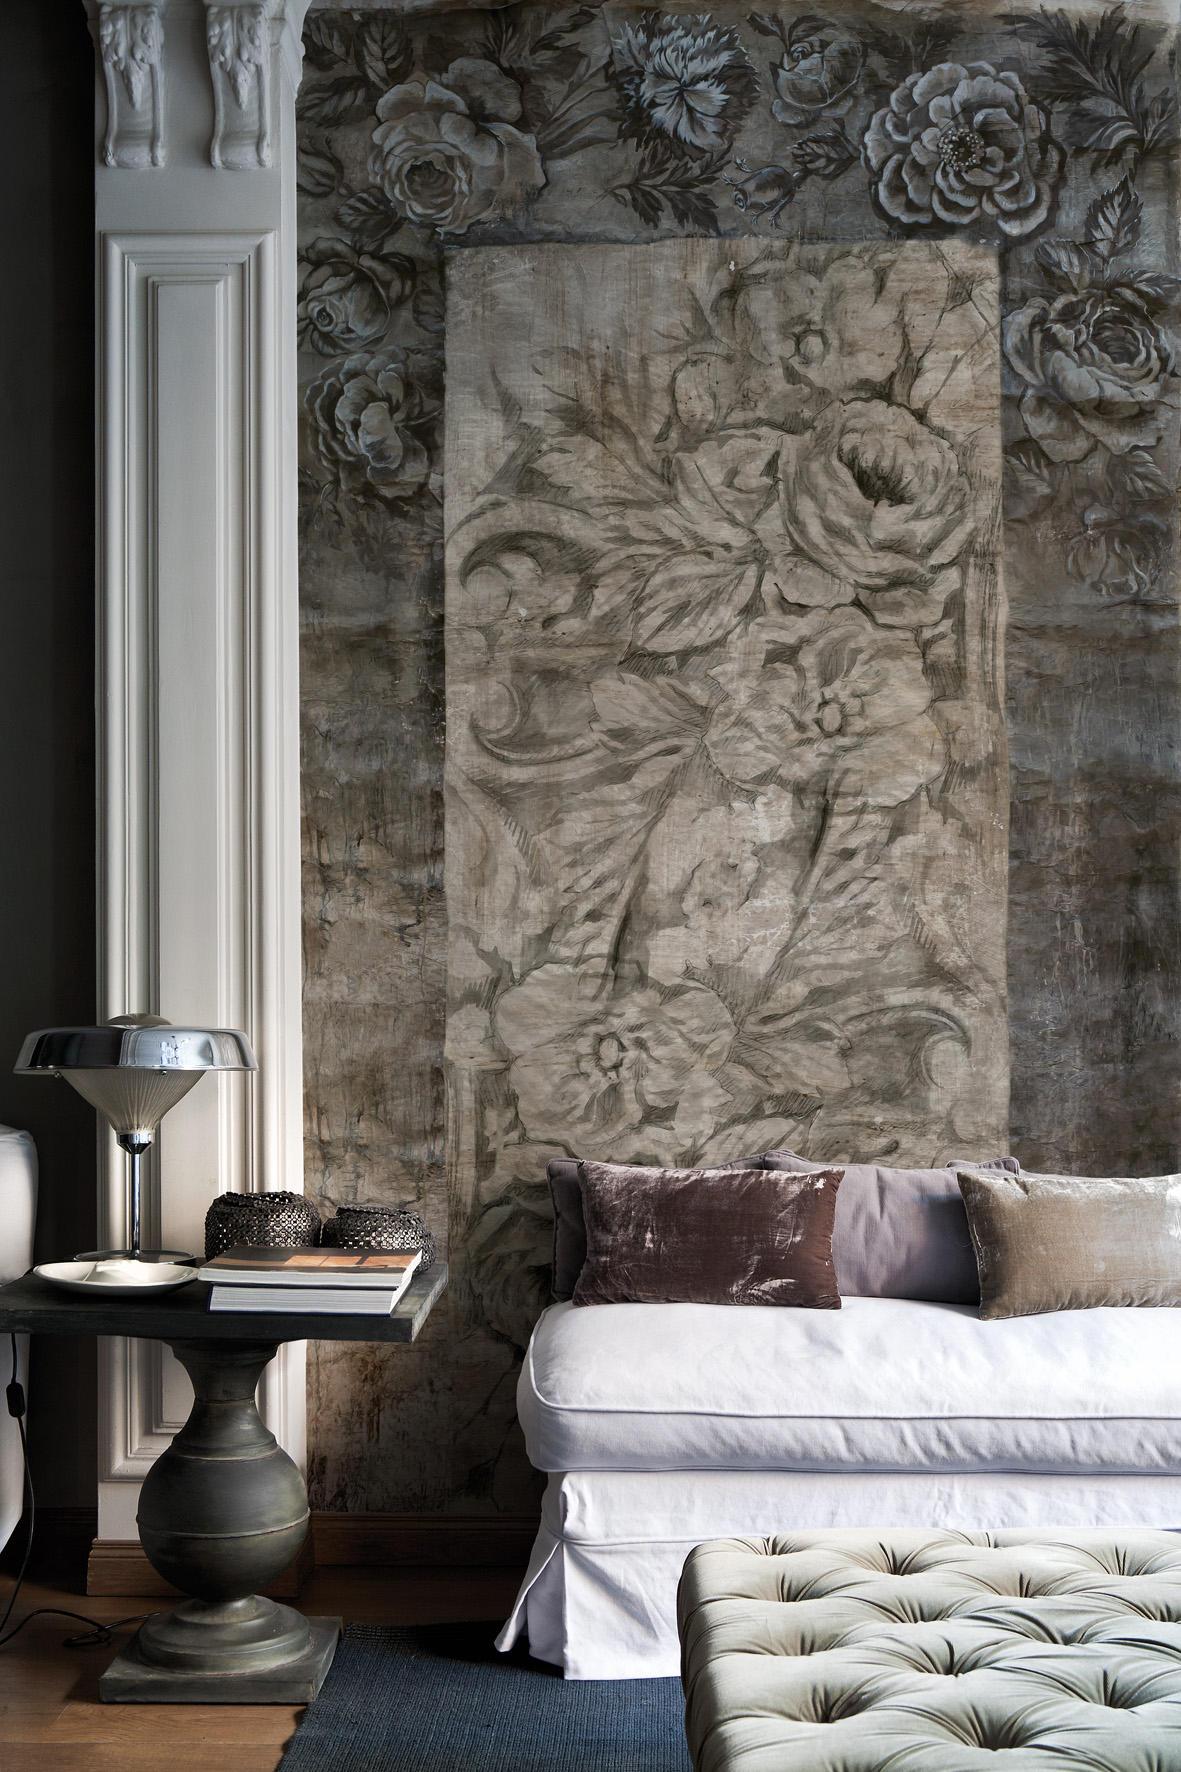 Alfreen arazzo Art Decor Art Decor arazzo Morris Co ...